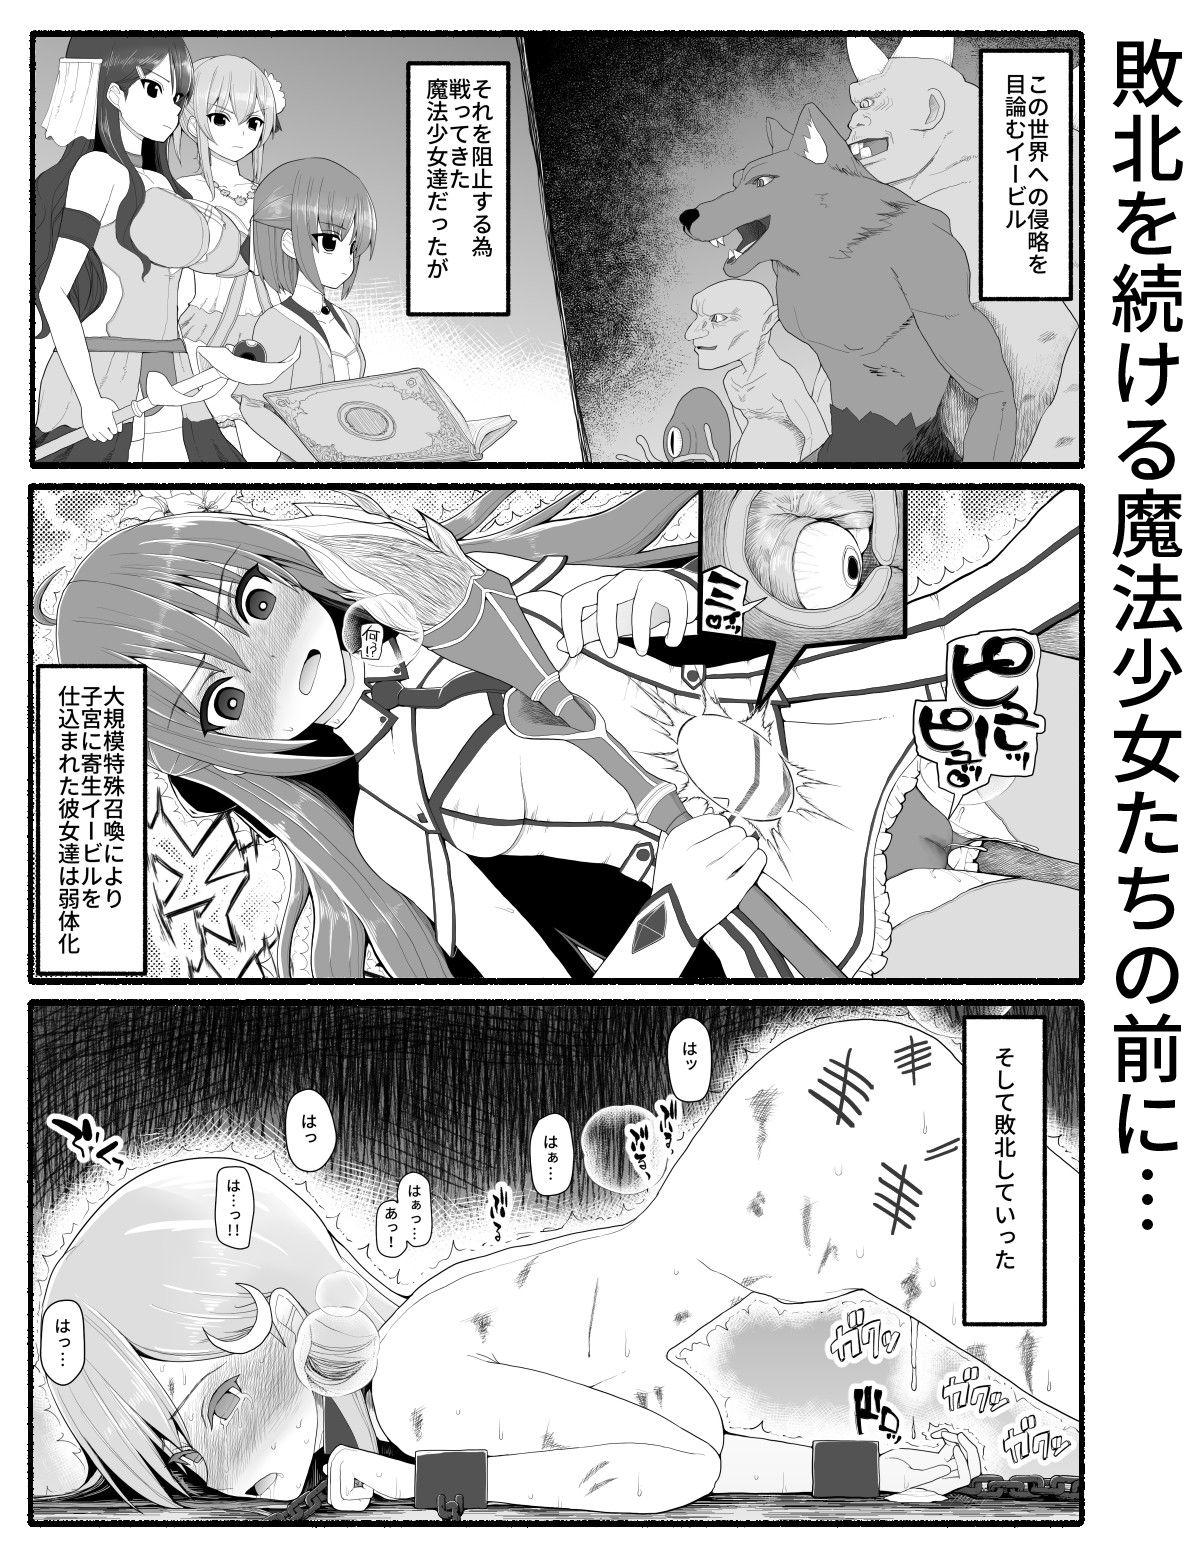 魔法少女vs淫魔生物10